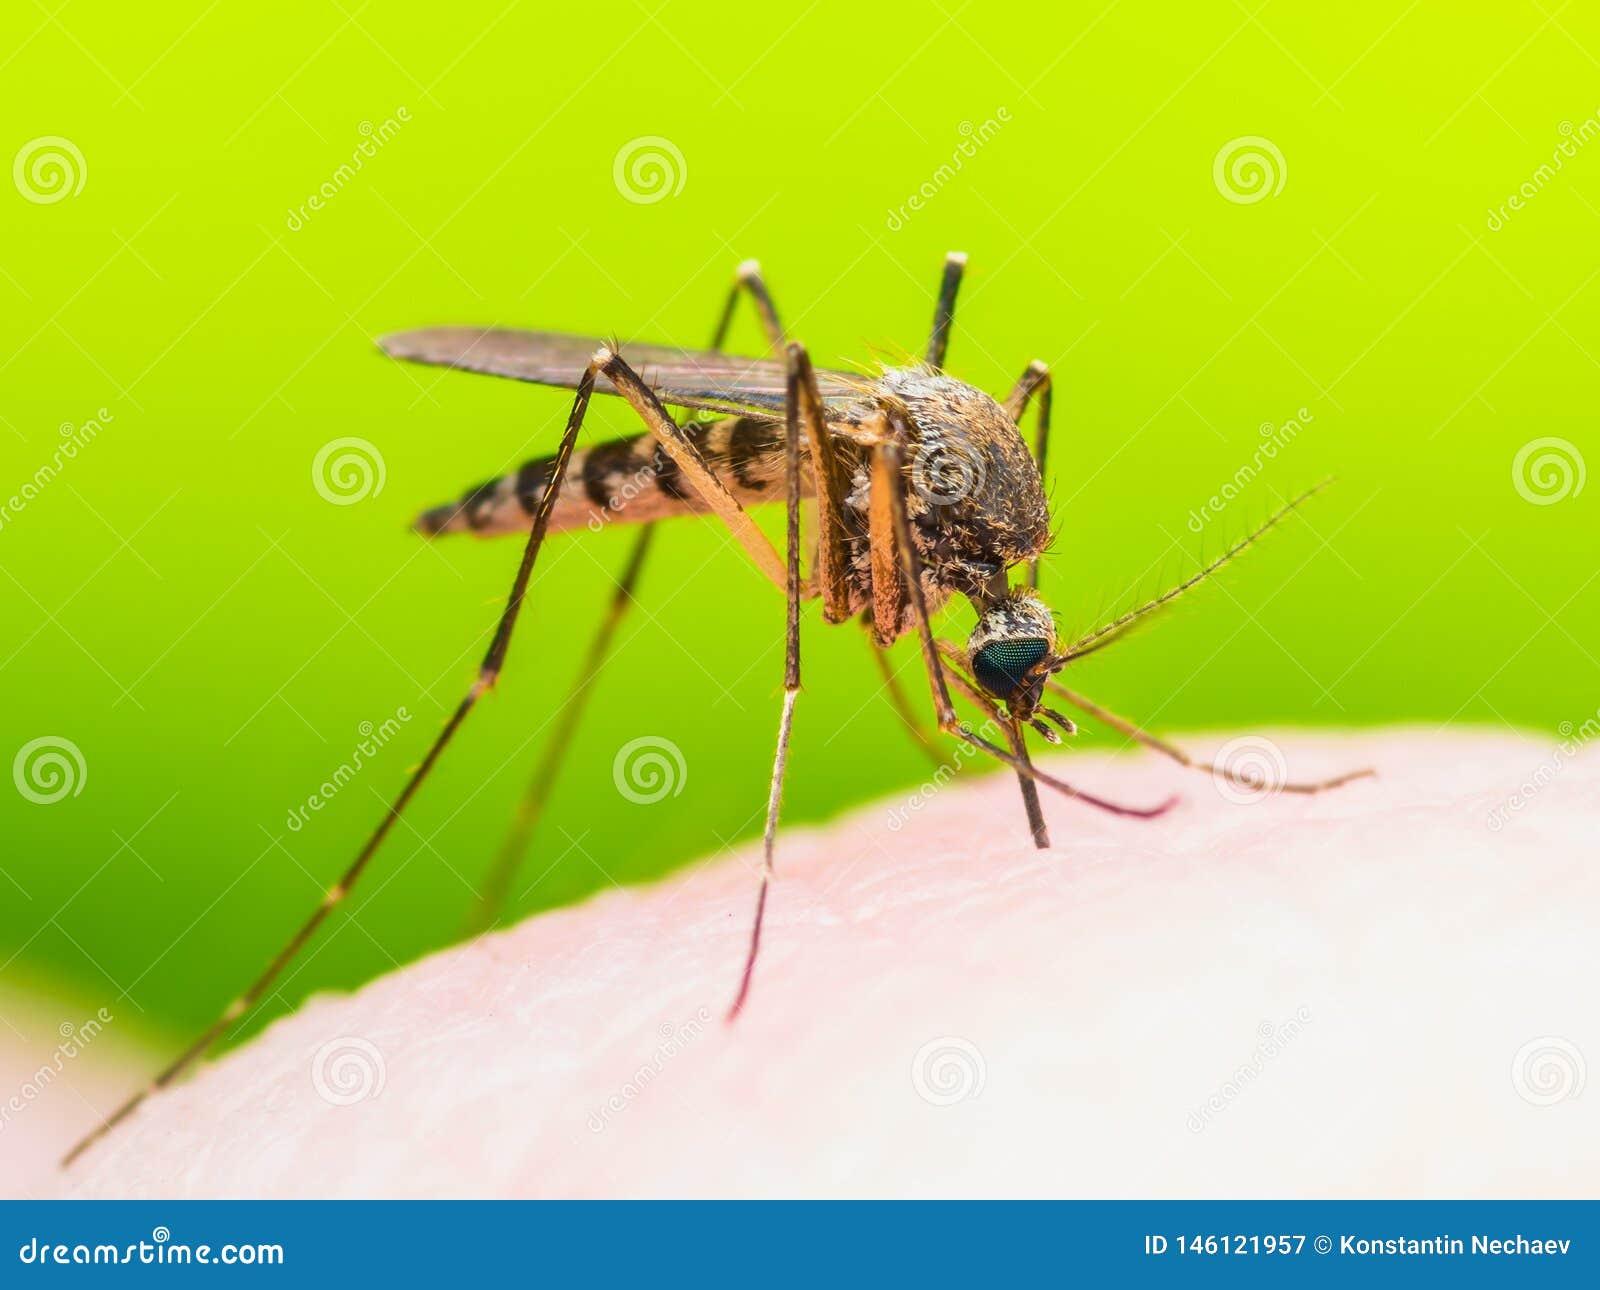 Gele koorts, Malaria of Macro van het de Muginsect van Zika de Virus Besmette op Groene Achtergrond